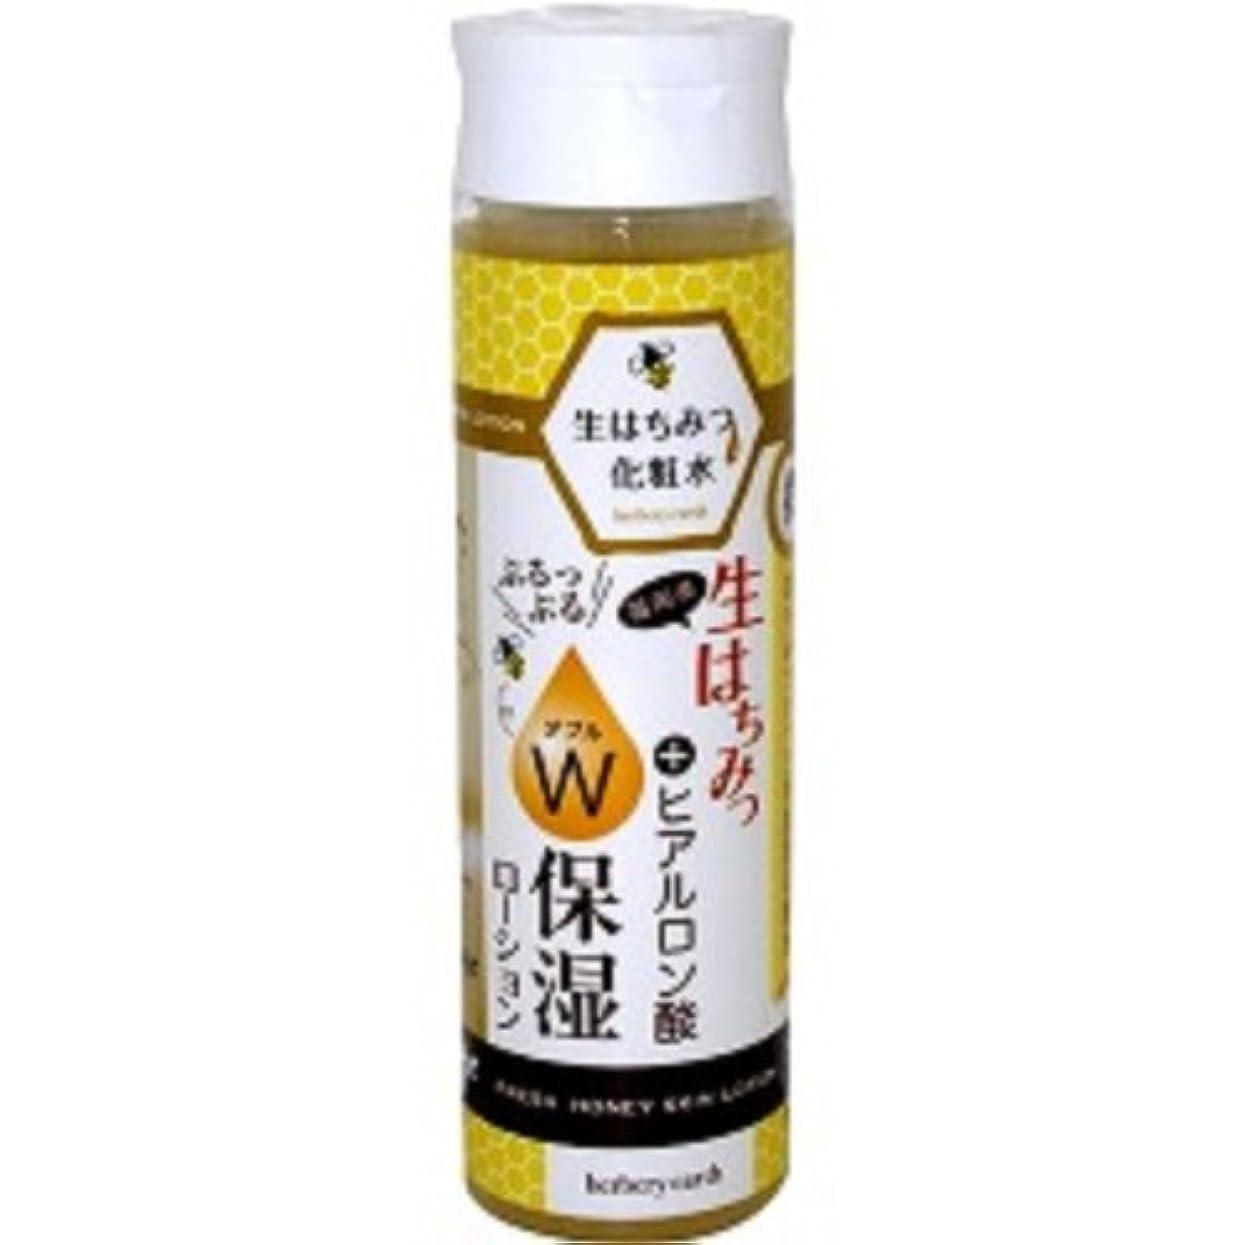 奨励古代迅速生はちみつ化粧水 W保湿スキンローション